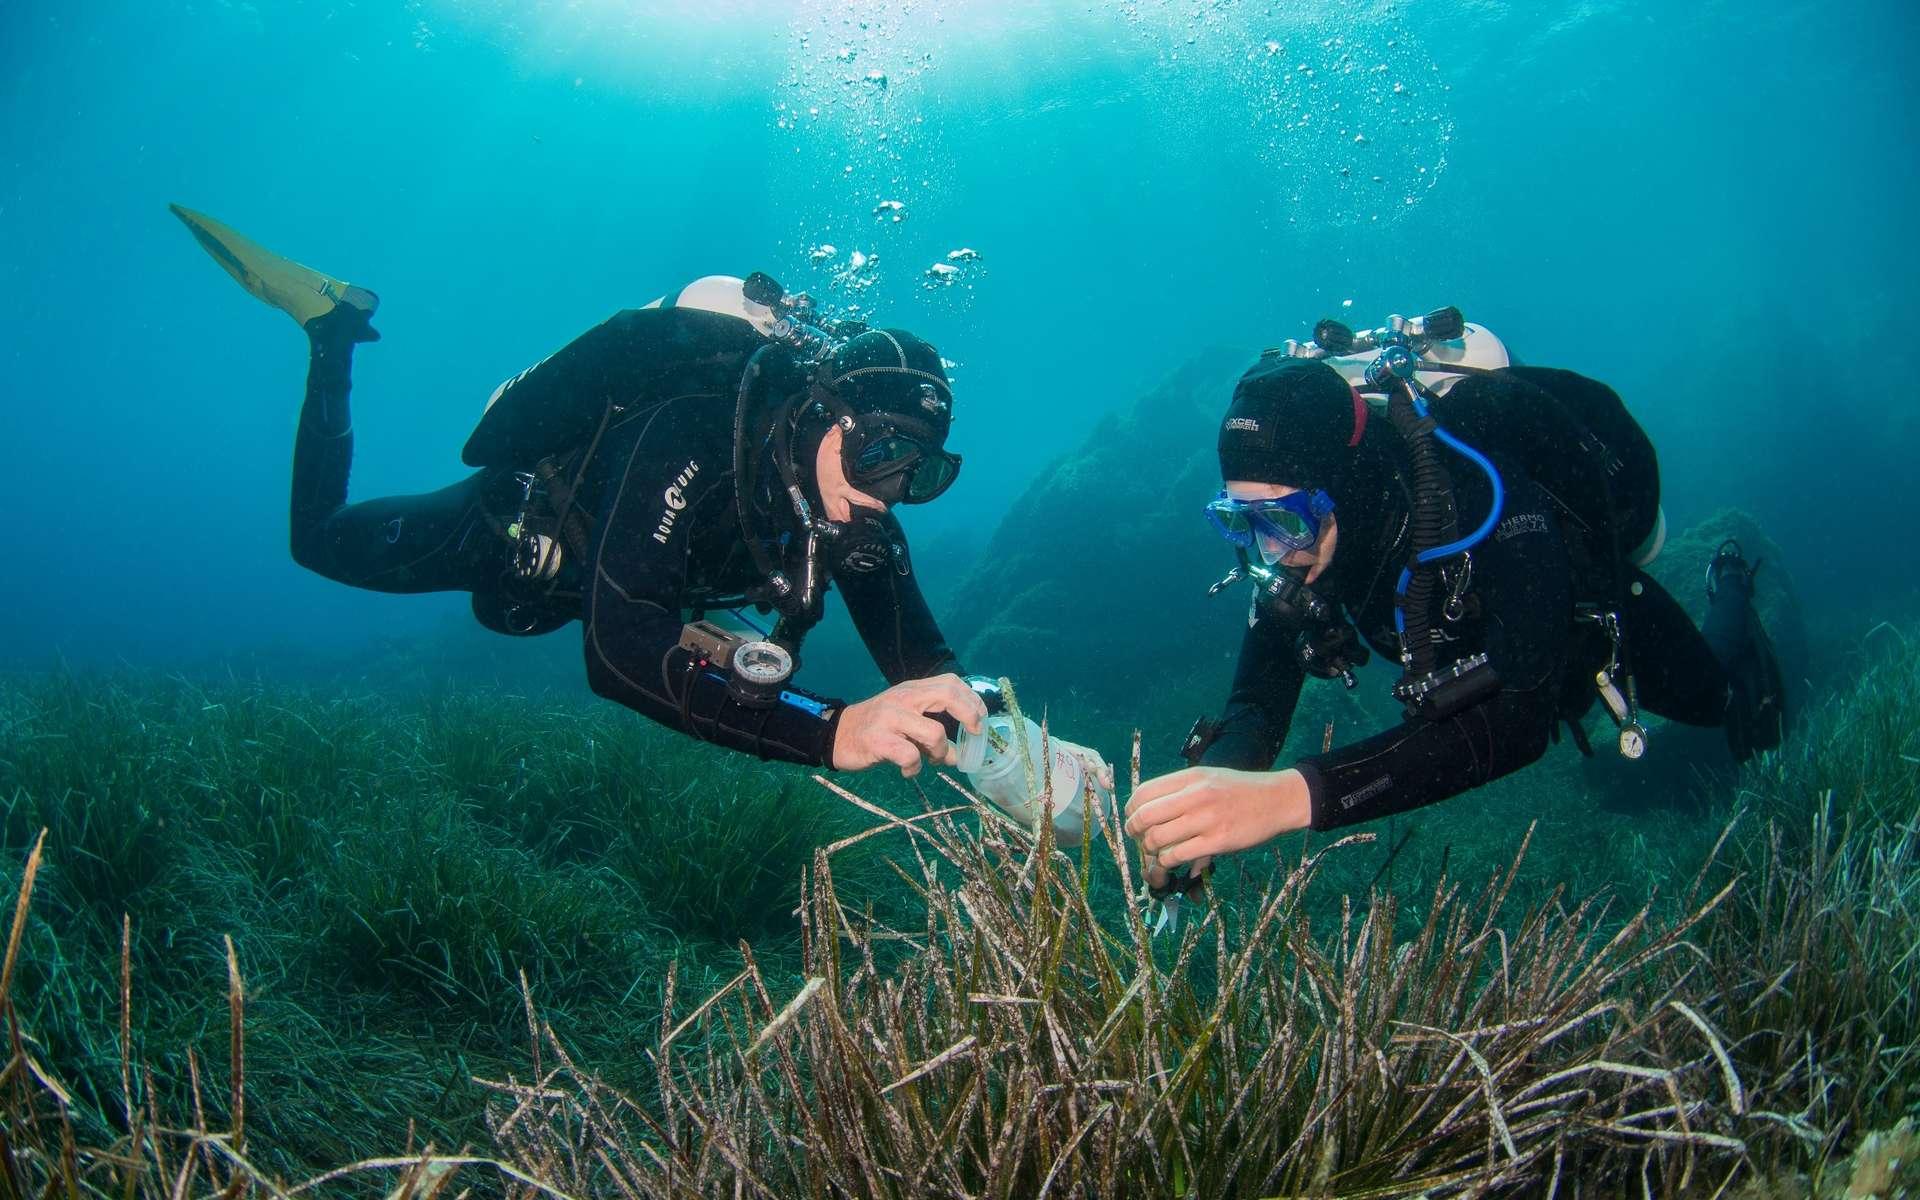 Les scientifiques allemands en train de prélever des planctomycètes sur de la posidonie en mer Méditerranée. © Christian Jogler